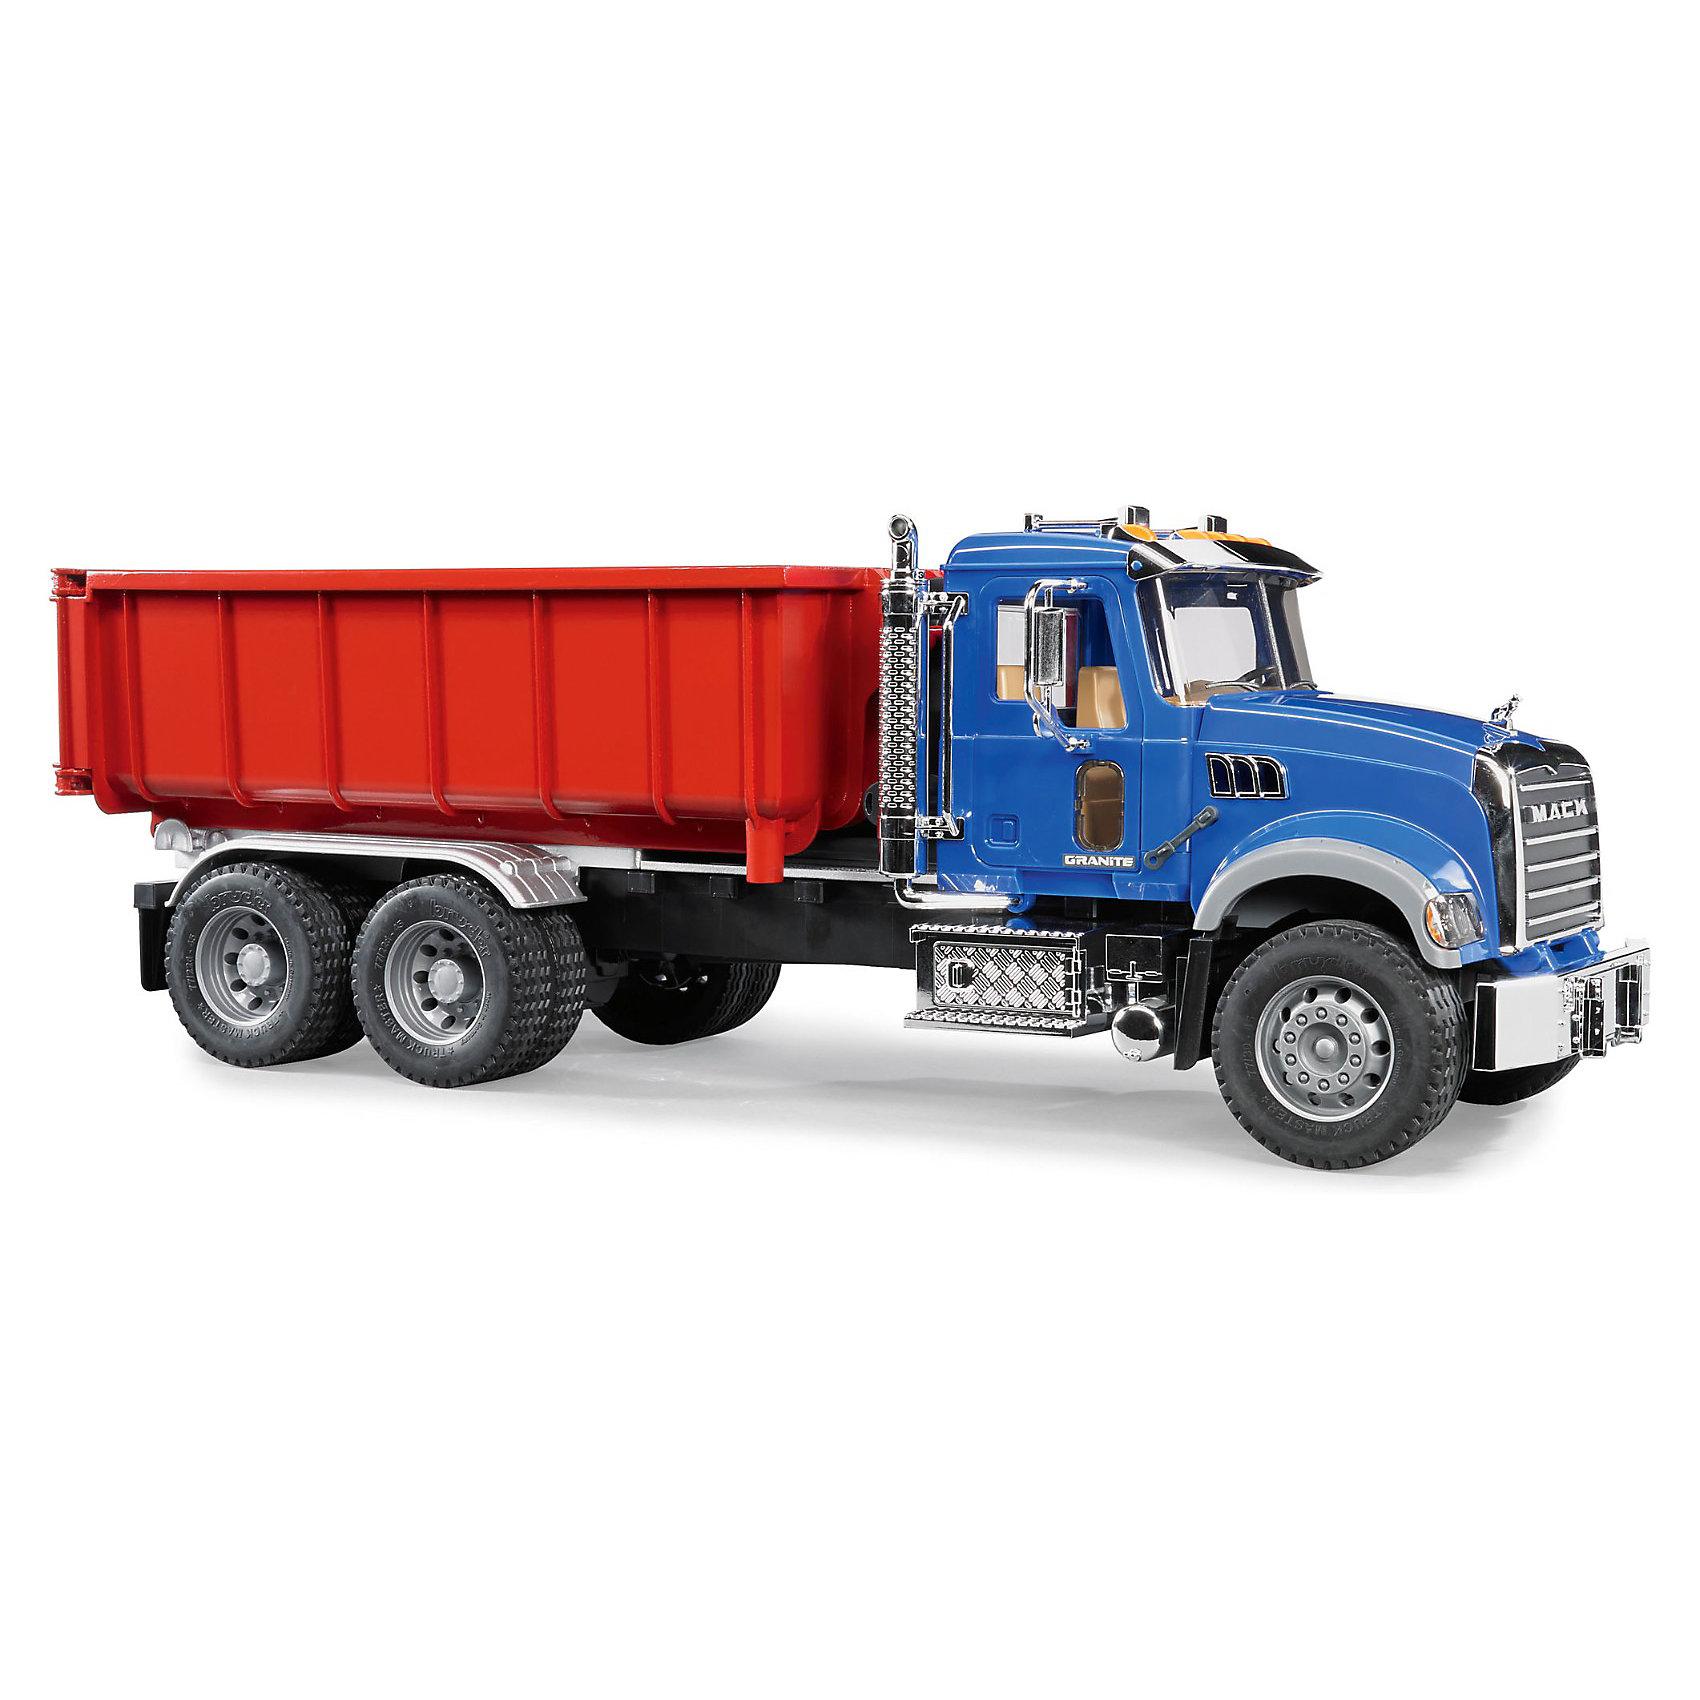 Самосвал-контейнеровоз MACK, BruderСамосвал-контейнеровоз MACK, Bruder (Брудер) – игрушка, выполненная в строгом соответствии и с соблюдением особенностей настоящей машины.<br>Сильный, мощный автомобиль на четырехосной основе для перевозки тяжелых грузов самосвал-контейнеровоз MACK от немецкого производителя игрушек Bruder (Брудер) в точности повторяет реально существующую машину. Все детали автомобиля специально сделаны так, что бы ребенок в процессе игры мог увидеть устройство настоящего автомобиля, принцип его работы. Насыщенные цвета, стилизованные под хром элементы (выхлопная труба, радиаторная решетка и другие) и функциональность этой игрушки приведут в восторг вашего ребенка. У машины открываются двери, складываются зеркала, поднимается капот, открывая доступ к двигателю. Лобовое стекло изготовлено из прочного прозрачного материала. Контейнер самосвала опрокидывается с помощью специального подъемного механизма. Задний борт контейнера открывается. Резиновые шины с красивым протектором, придают автомобилю больше мощности и привлекательности. К самосвалу подходит модуль со световыми и звуковыми эффектами H (не входит в комплект). Игрушка изготовлена из высококачественного пластика, устойчивого к износу и ударам. Продукция сертифицирована, экологически безопасна для ребенка, использованные красители не токсичны и гипоаллергенны.<br><br>Дополнительная информация:<br><br>- Размер машины: 60 х 18,5 х 20,7 см.<br>- Масштаб 1:16<br>- Материал: высококачественный пластик<br>- Цвет: синяя кабина, красный контейнер<br><br>Самосвал-контейнеровоз MACK, Bruder (Брудер) можно купить в нашем интернет-магазине.<br><br>Ширина мм: 641<br>Глубина мм: 230<br>Высота мм: 200<br>Вес г: 2201<br>Возраст от месяцев: 36<br>Возраст до месяцев: 96<br>Пол: Мужской<br>Возраст: Детский<br>SKU: 3731417